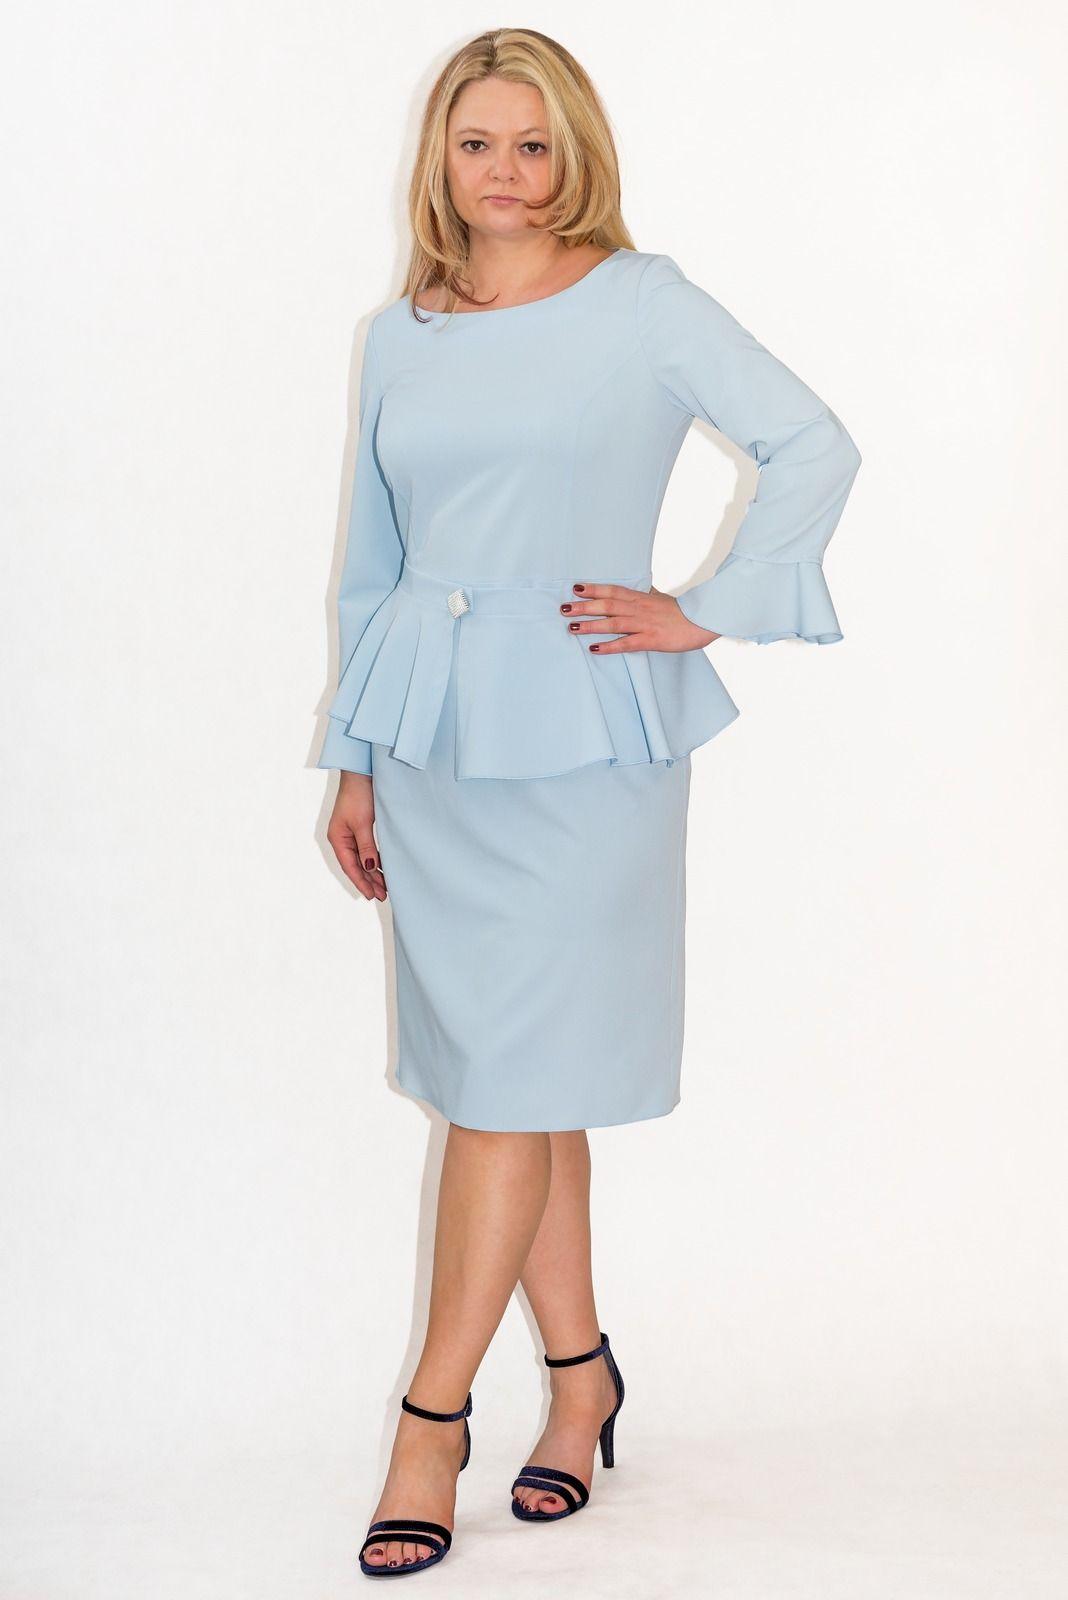 ef392e029ed713 Sklep z odzieżą plus size. Luksusowa odzież damska XXL online sklep  internetowy. #Elegancka #sukienka #XL #XXL ANGEL 40-60 #na #wesele